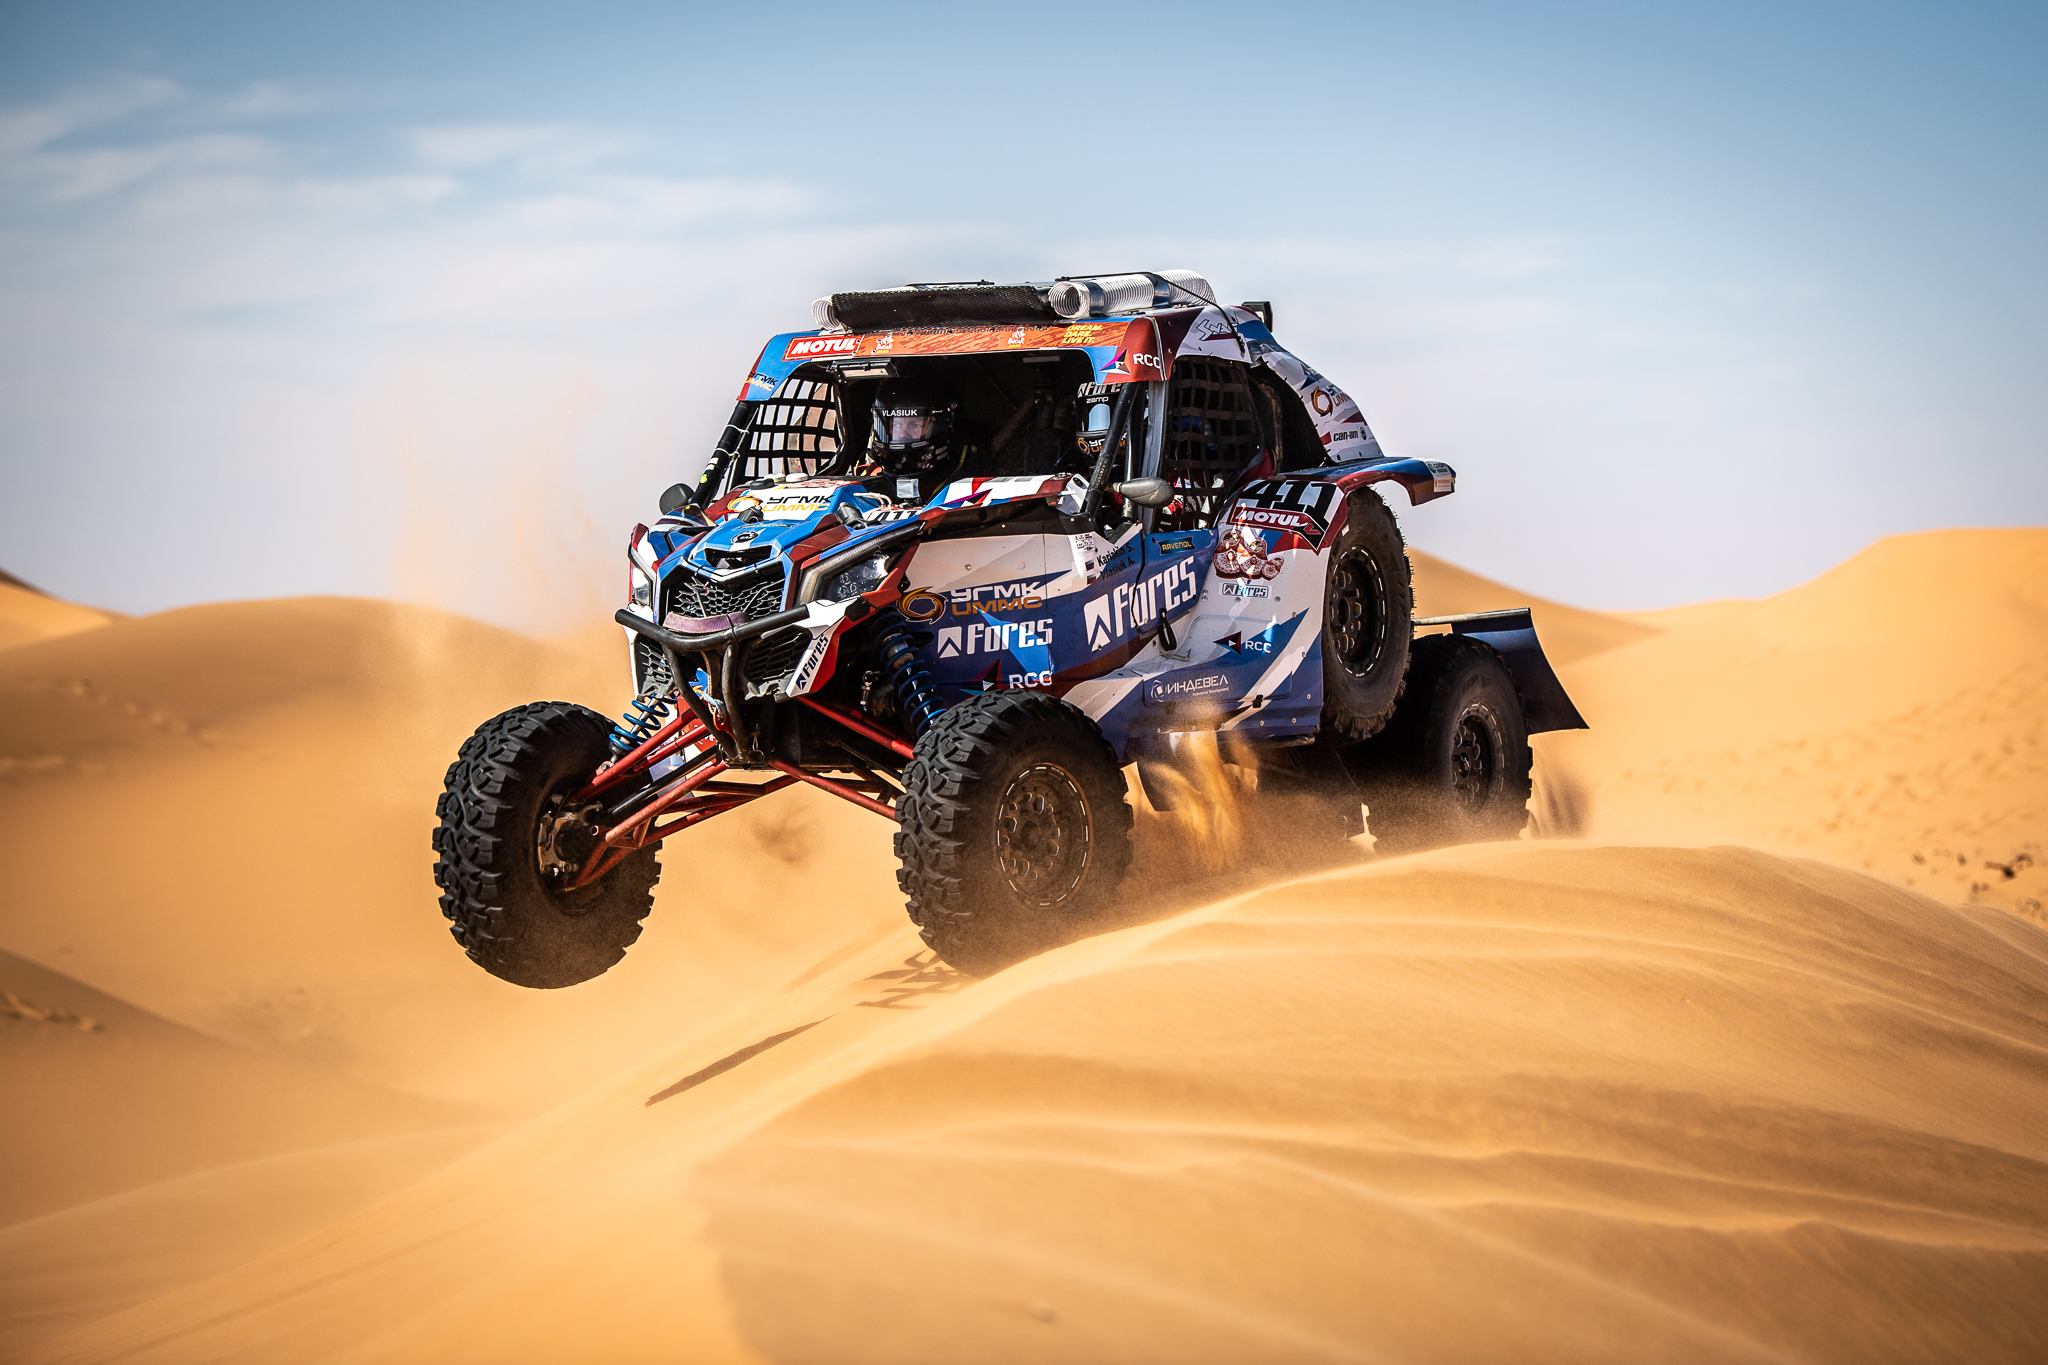 Самый длинный этап Dakar 2020 позади – Карякин в Топ-3, Шмотьев  - в Топ-10.